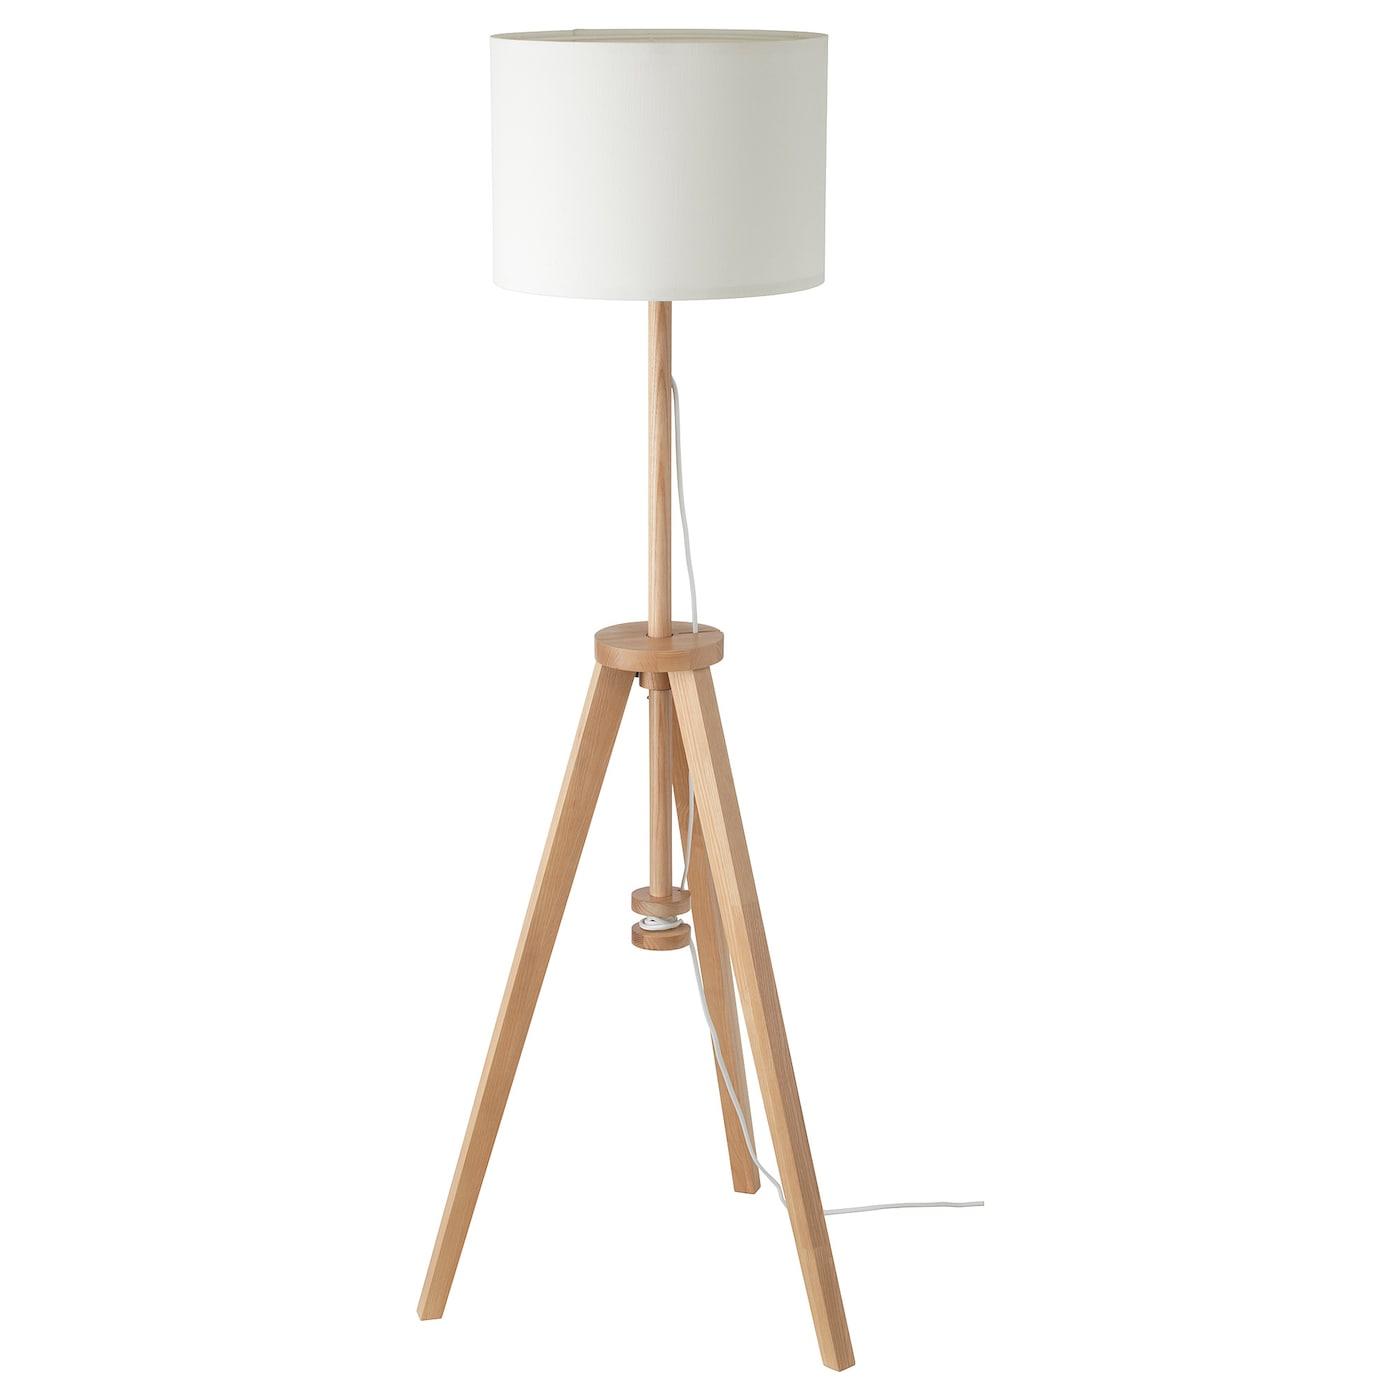 Full Size of Ikea Stehlampen Lauters Standleuchte Esche Küche Kaufen Kosten Miniküche Modulküche Sofa Mit Schlaffunktion Betten Bei Wohnzimmer 160x200 Wohnzimmer Ikea Stehlampen